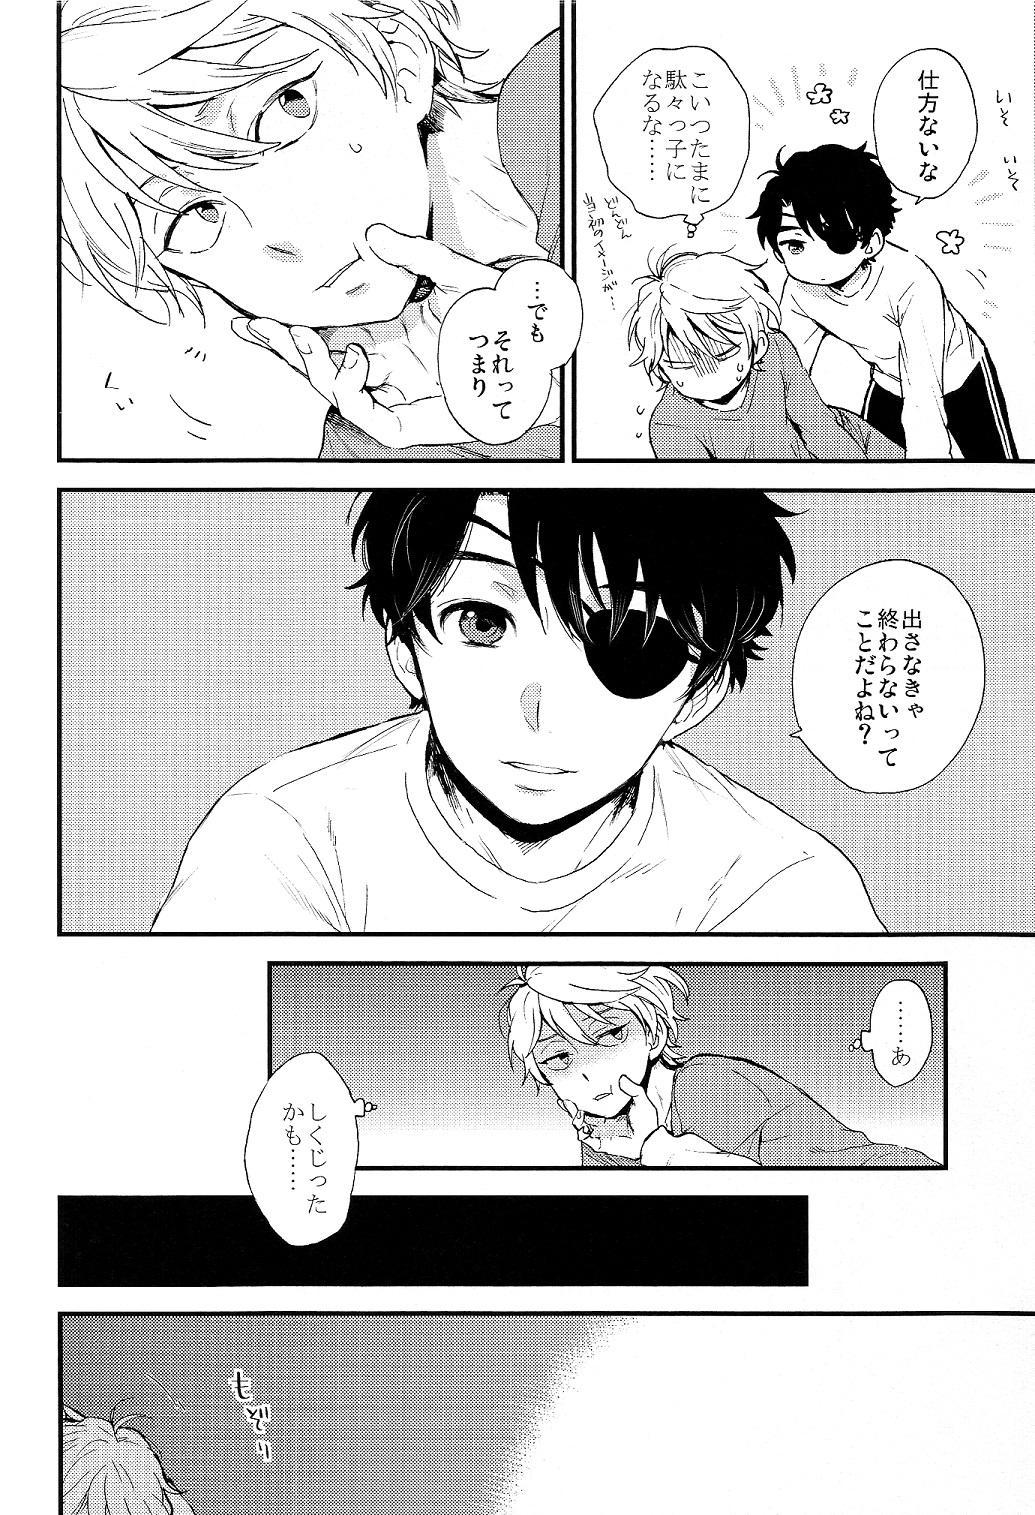 Hakoniwa Life 23